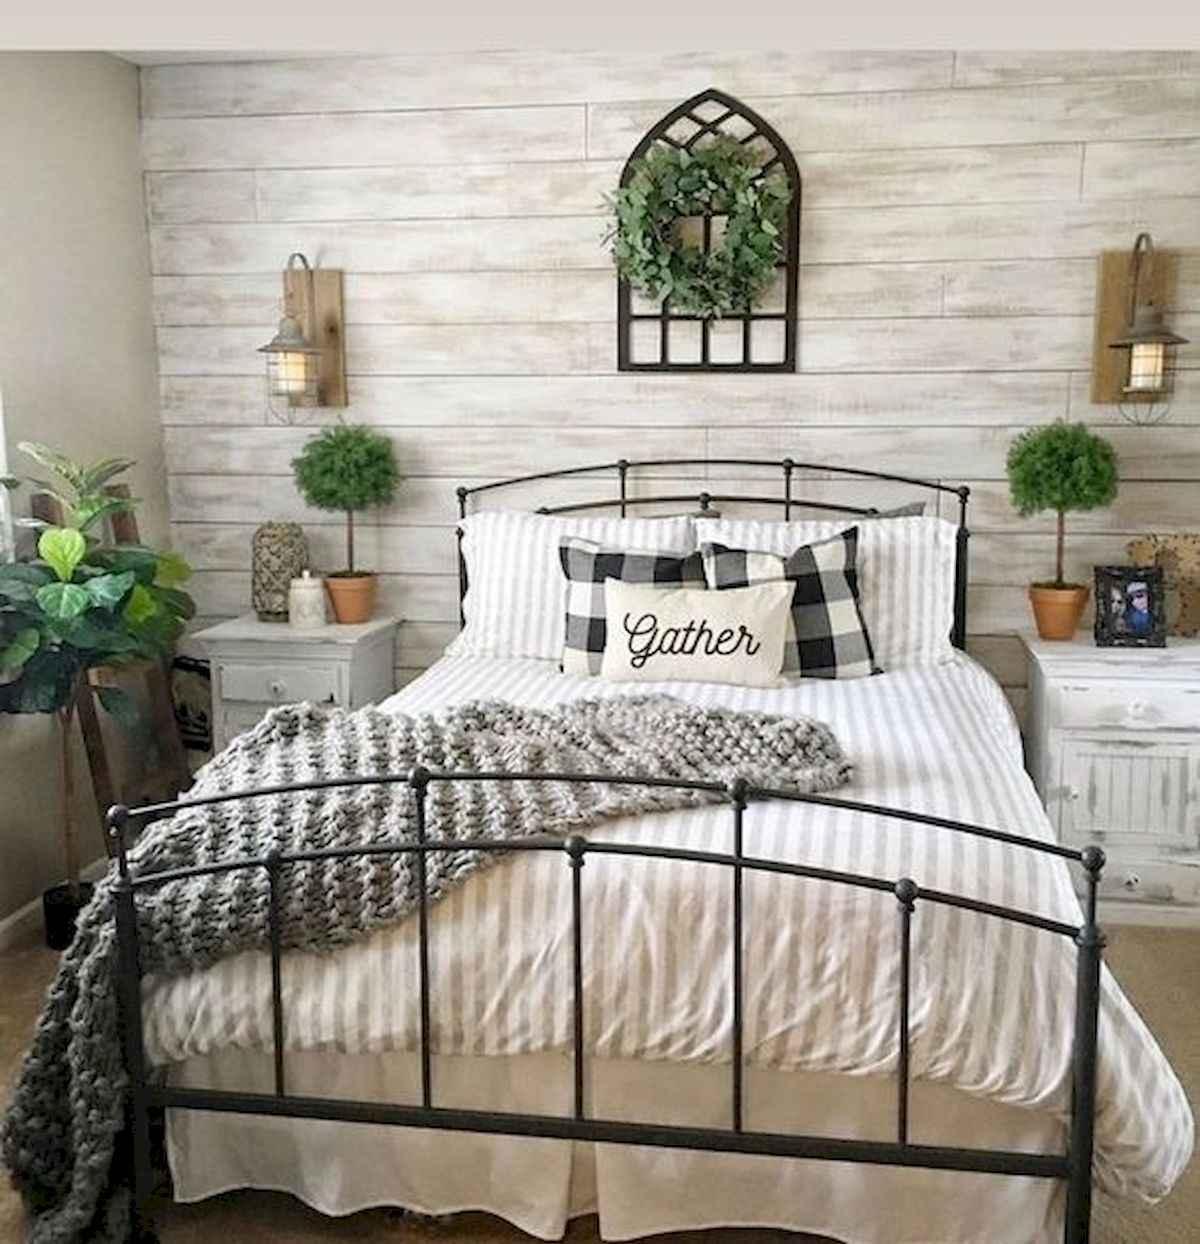 60 Adorable Modern Farmhouse Bedroom Design Ideas And Decor 43